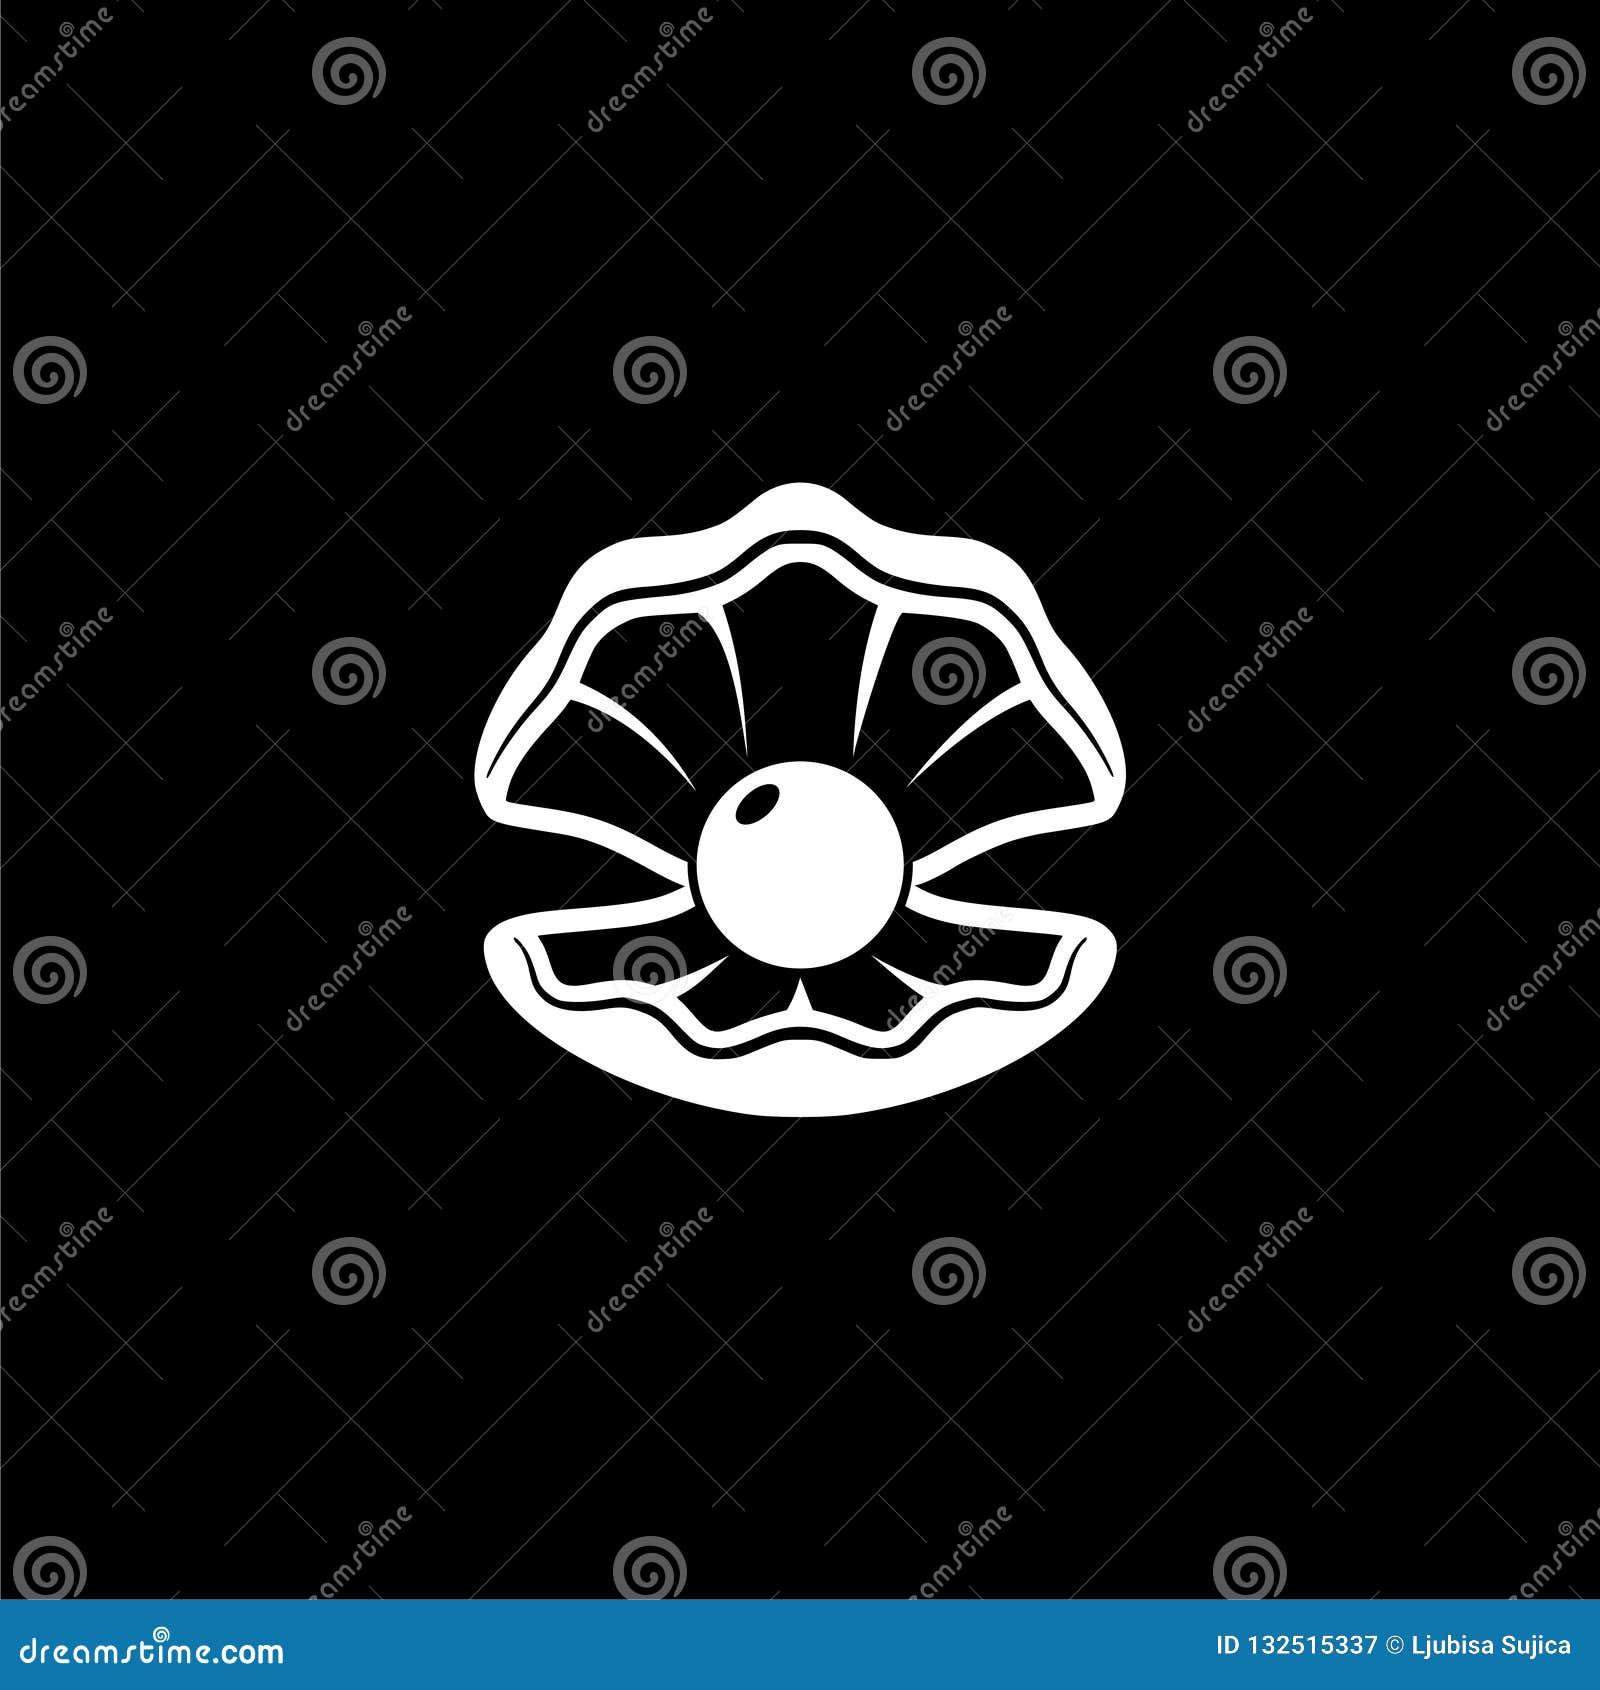 Escudo aberto com um ícone da pérola ou logotipo no fundo escuro